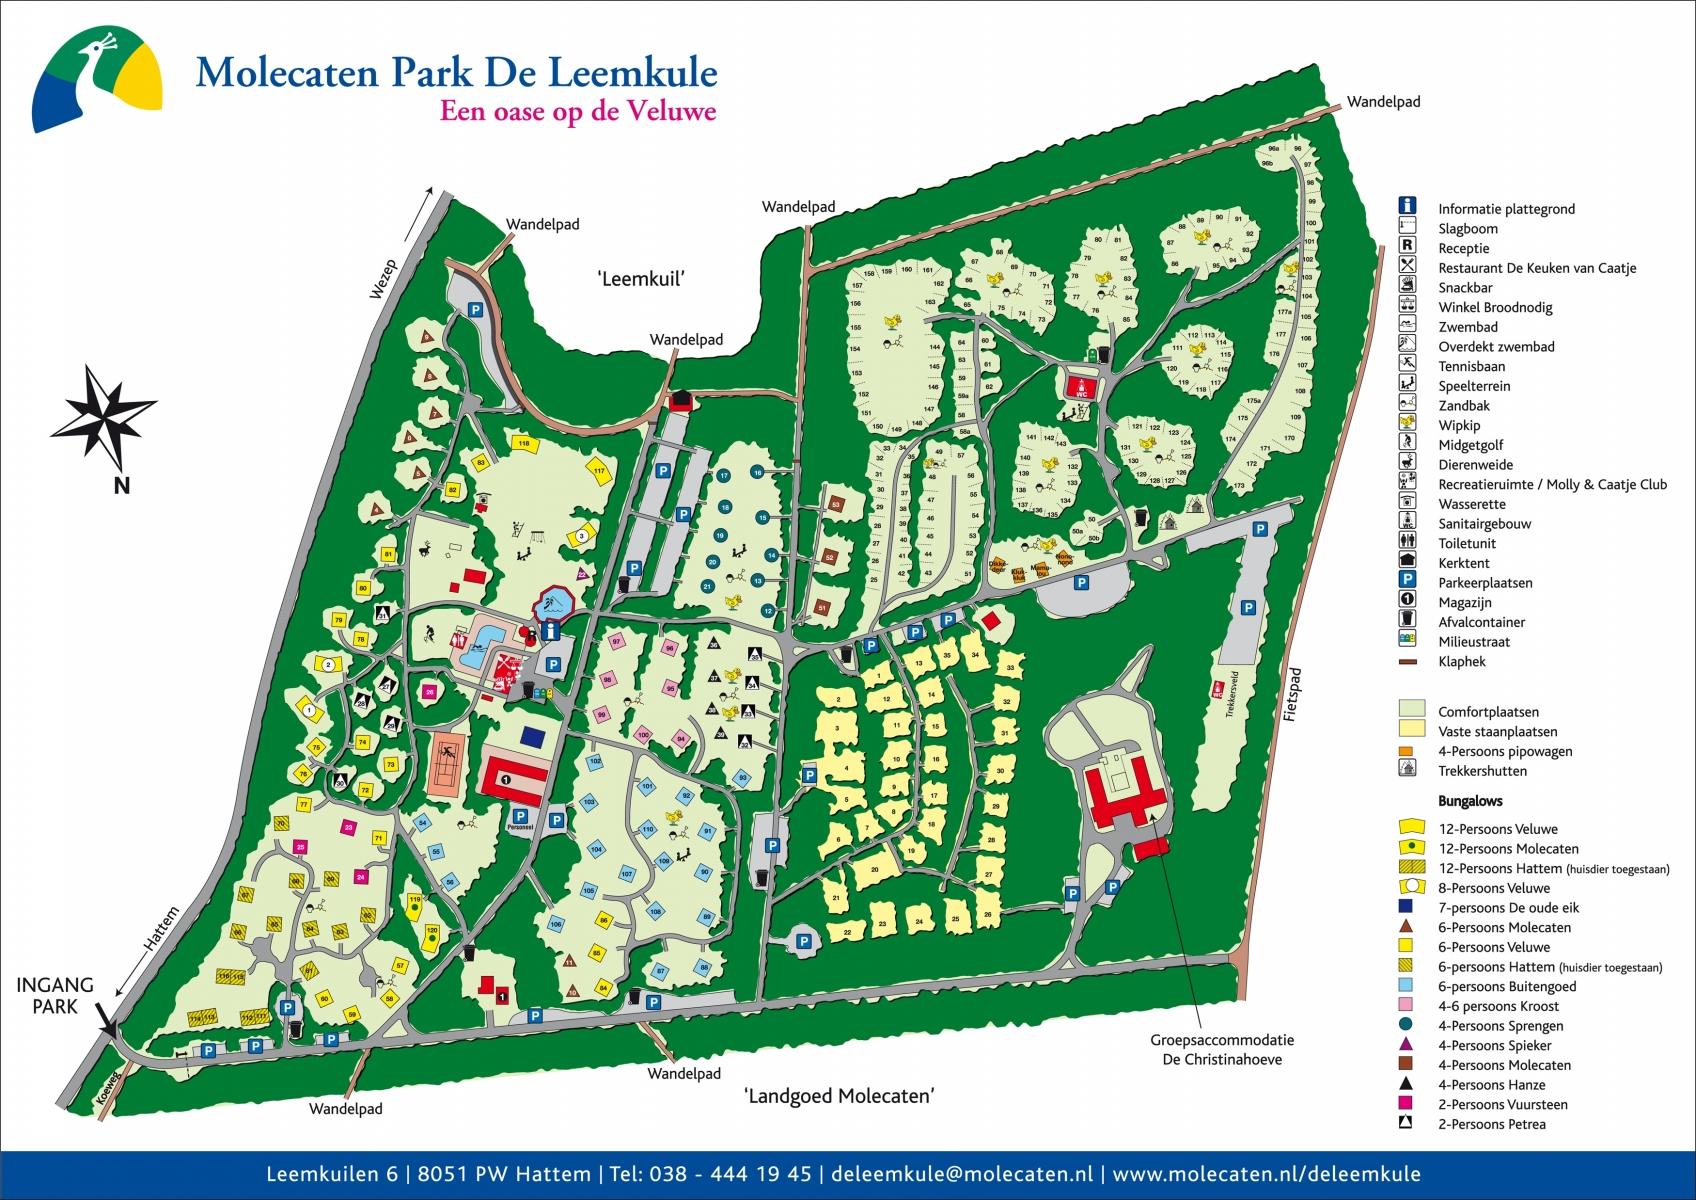 Molecaten Park De Leemkule